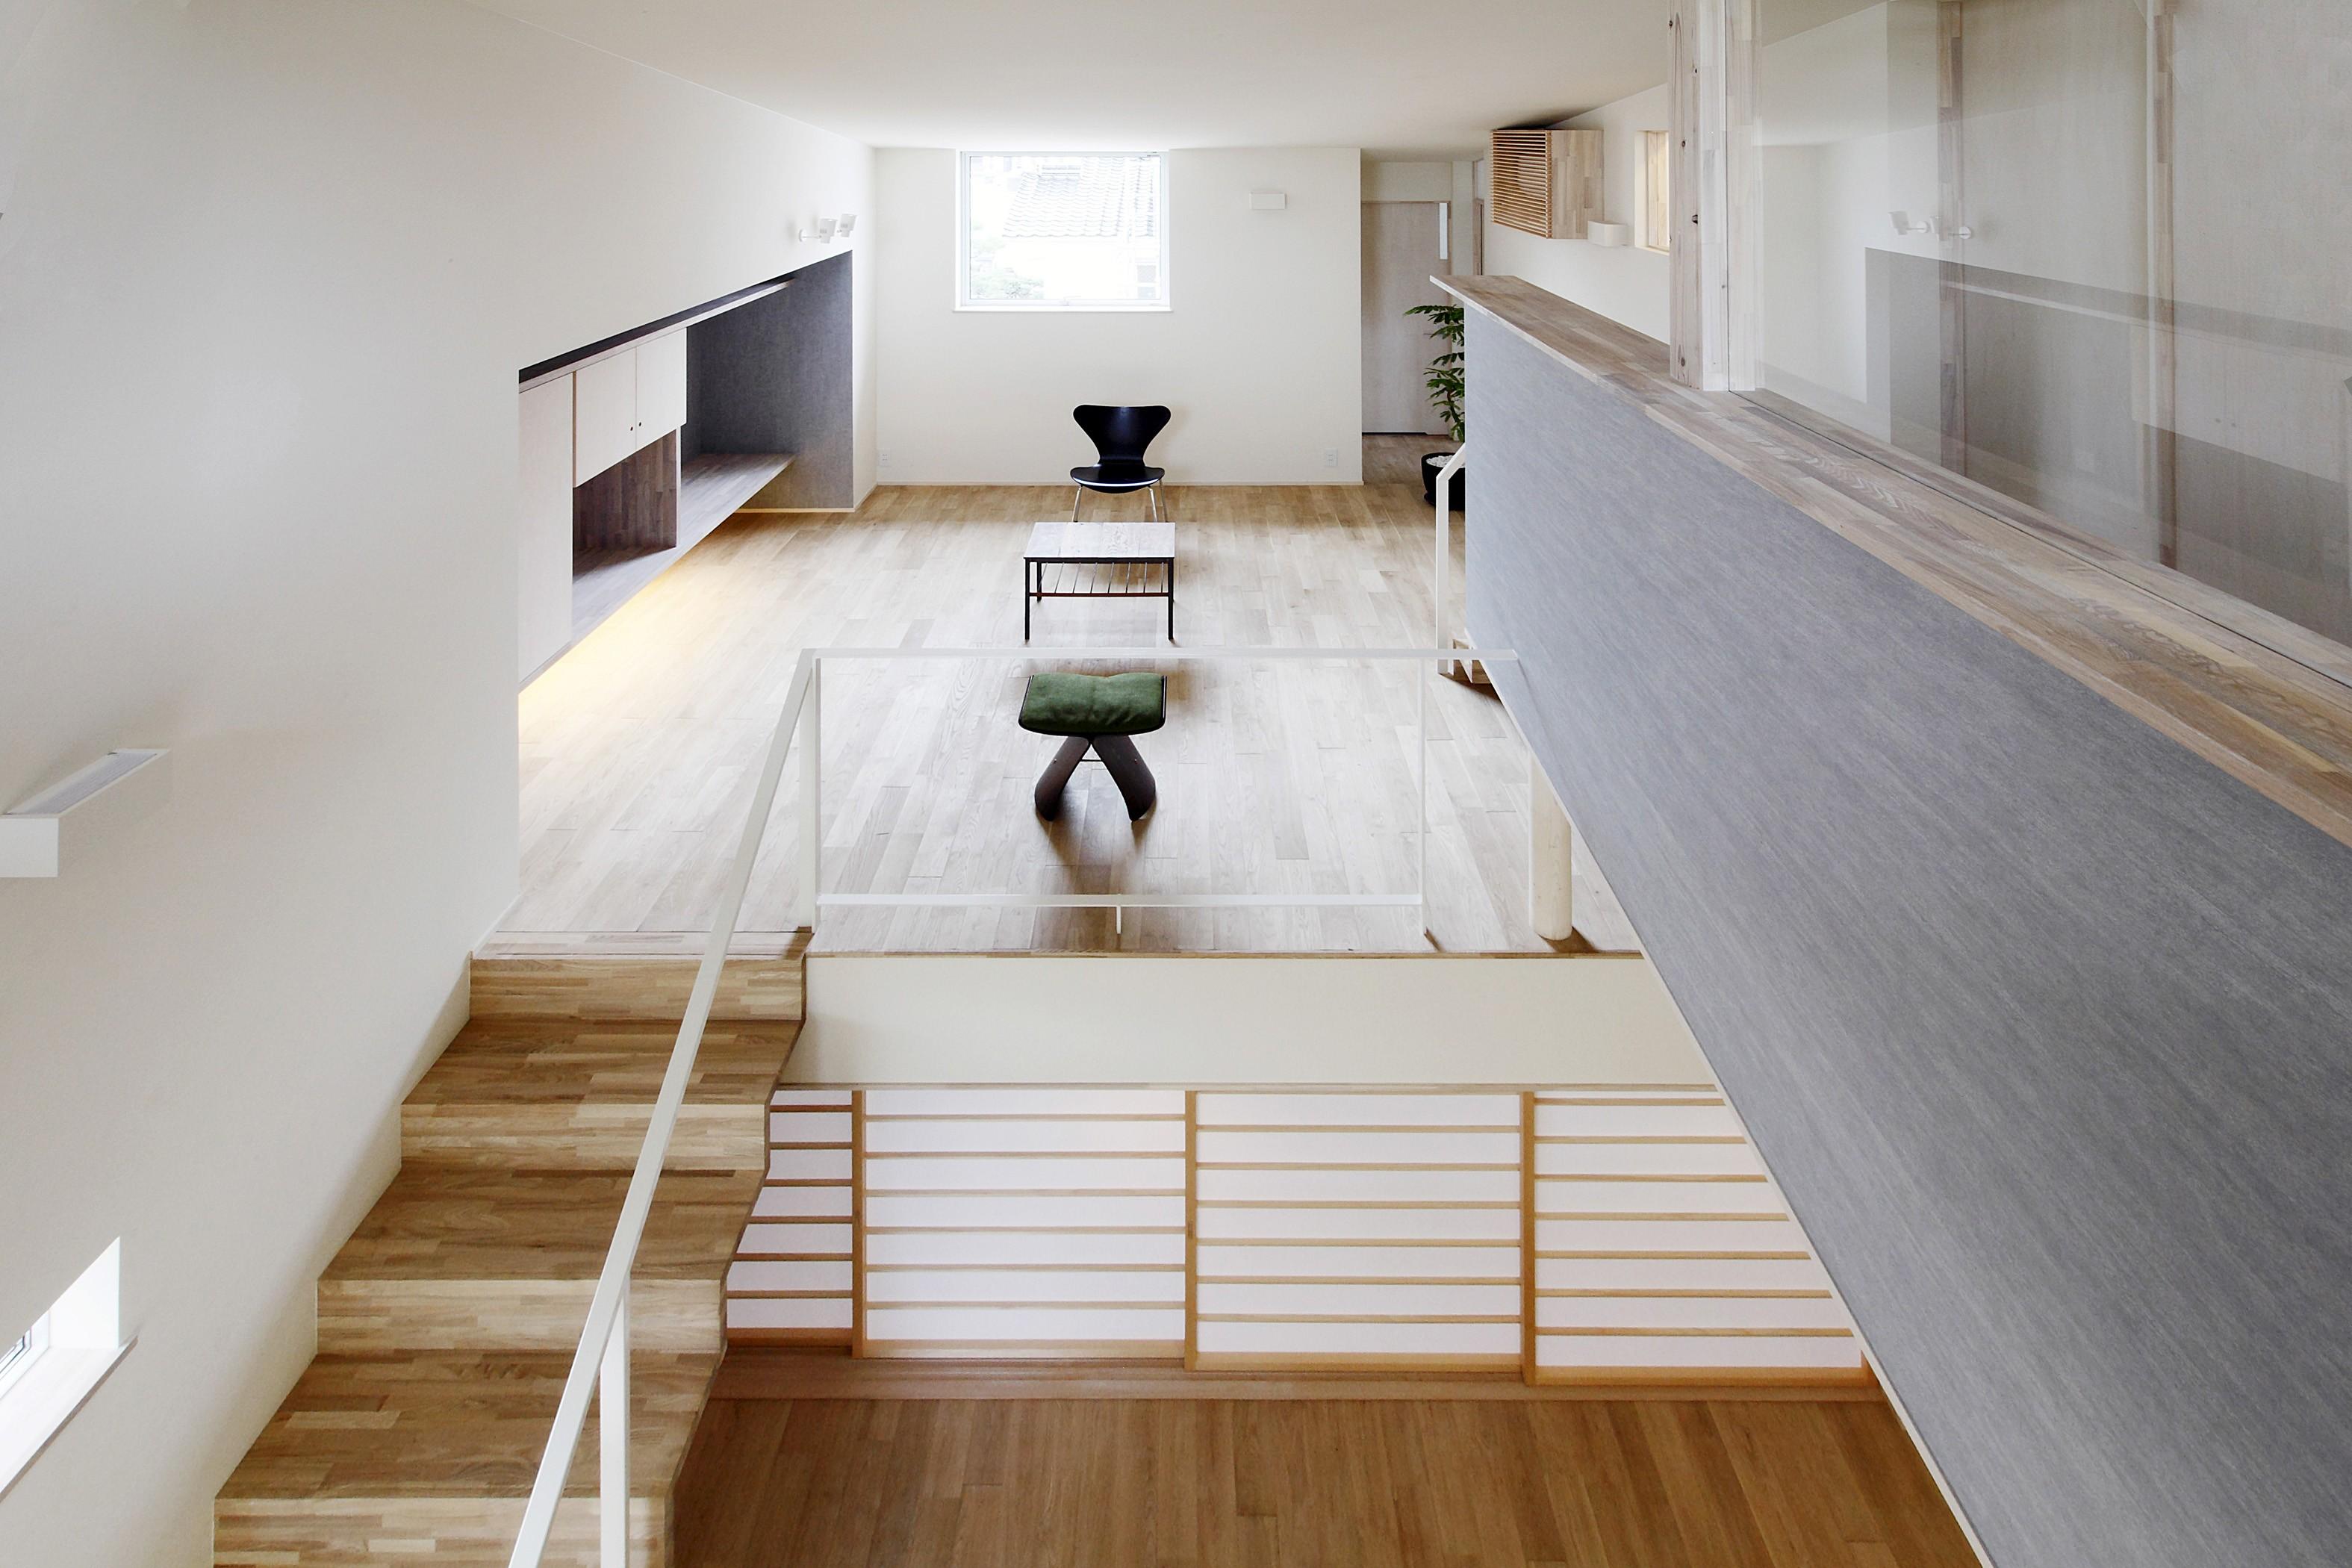 リビングダイニング事例:リビング(Tajima no ie -スキップフロアの家-)